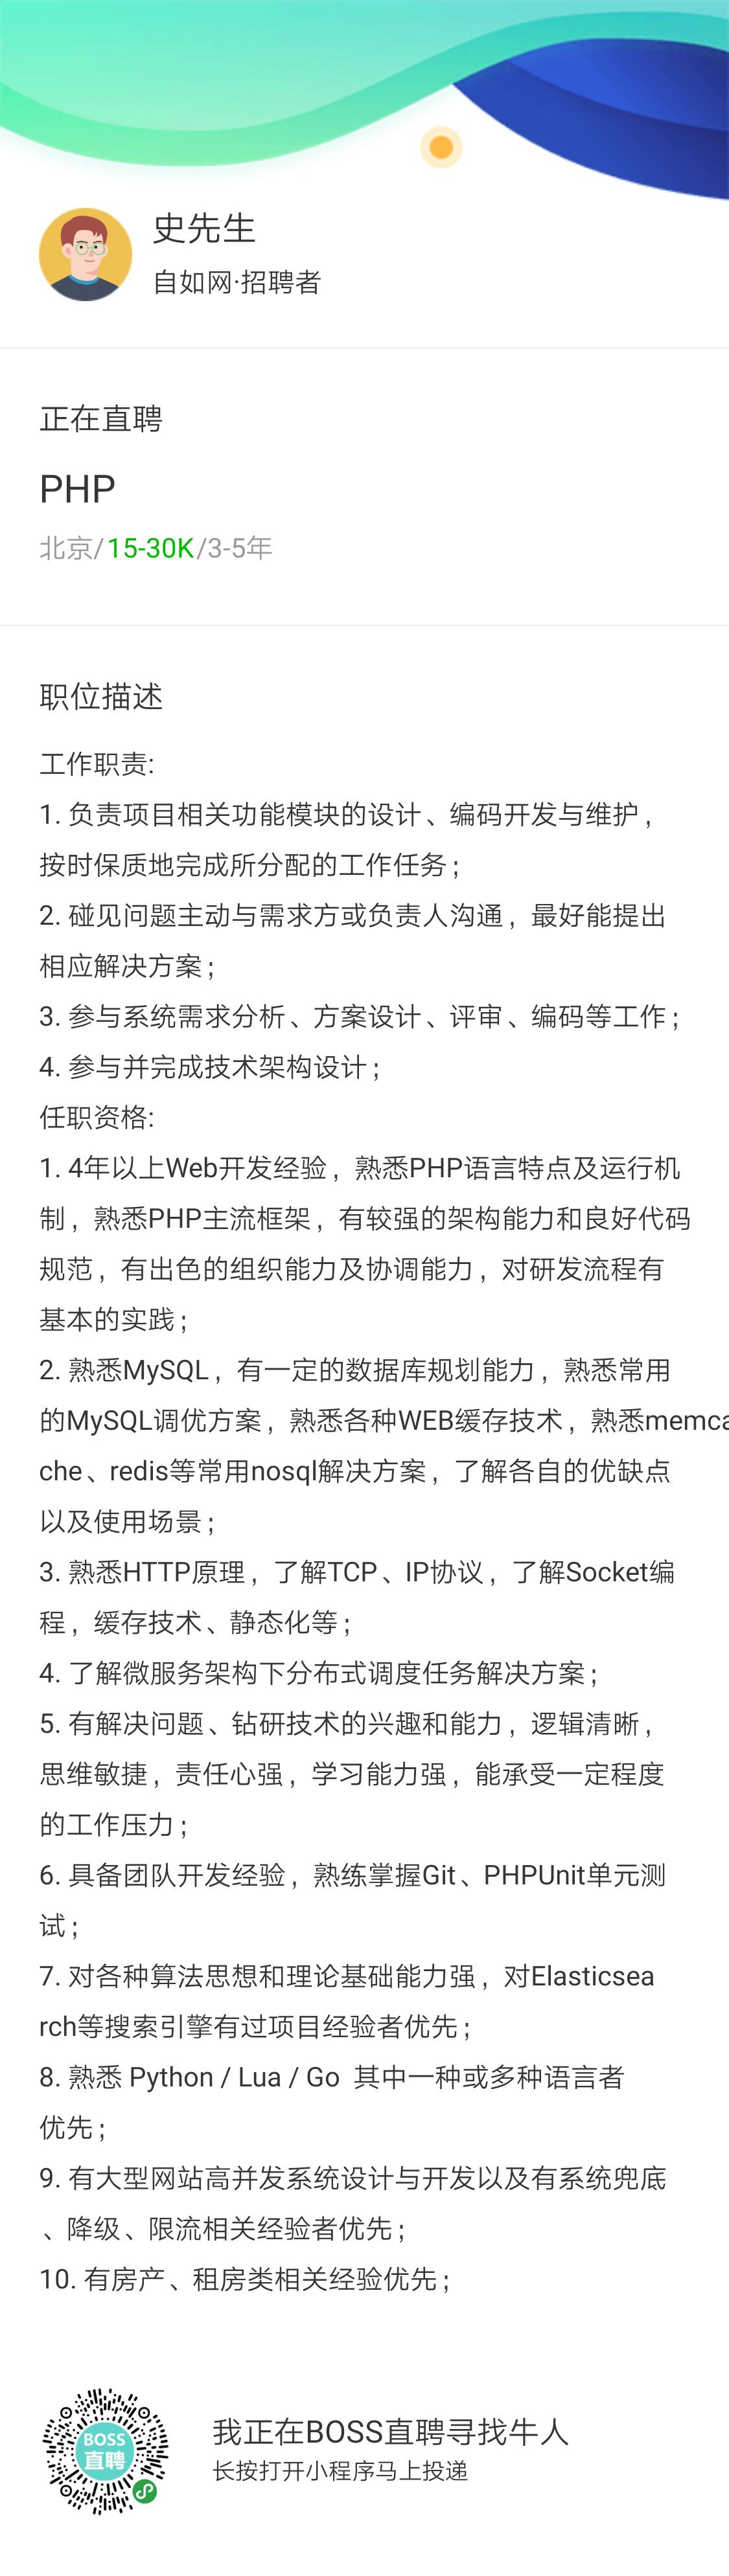 北京自如招聘 PHP 工程师 /GO 工程师